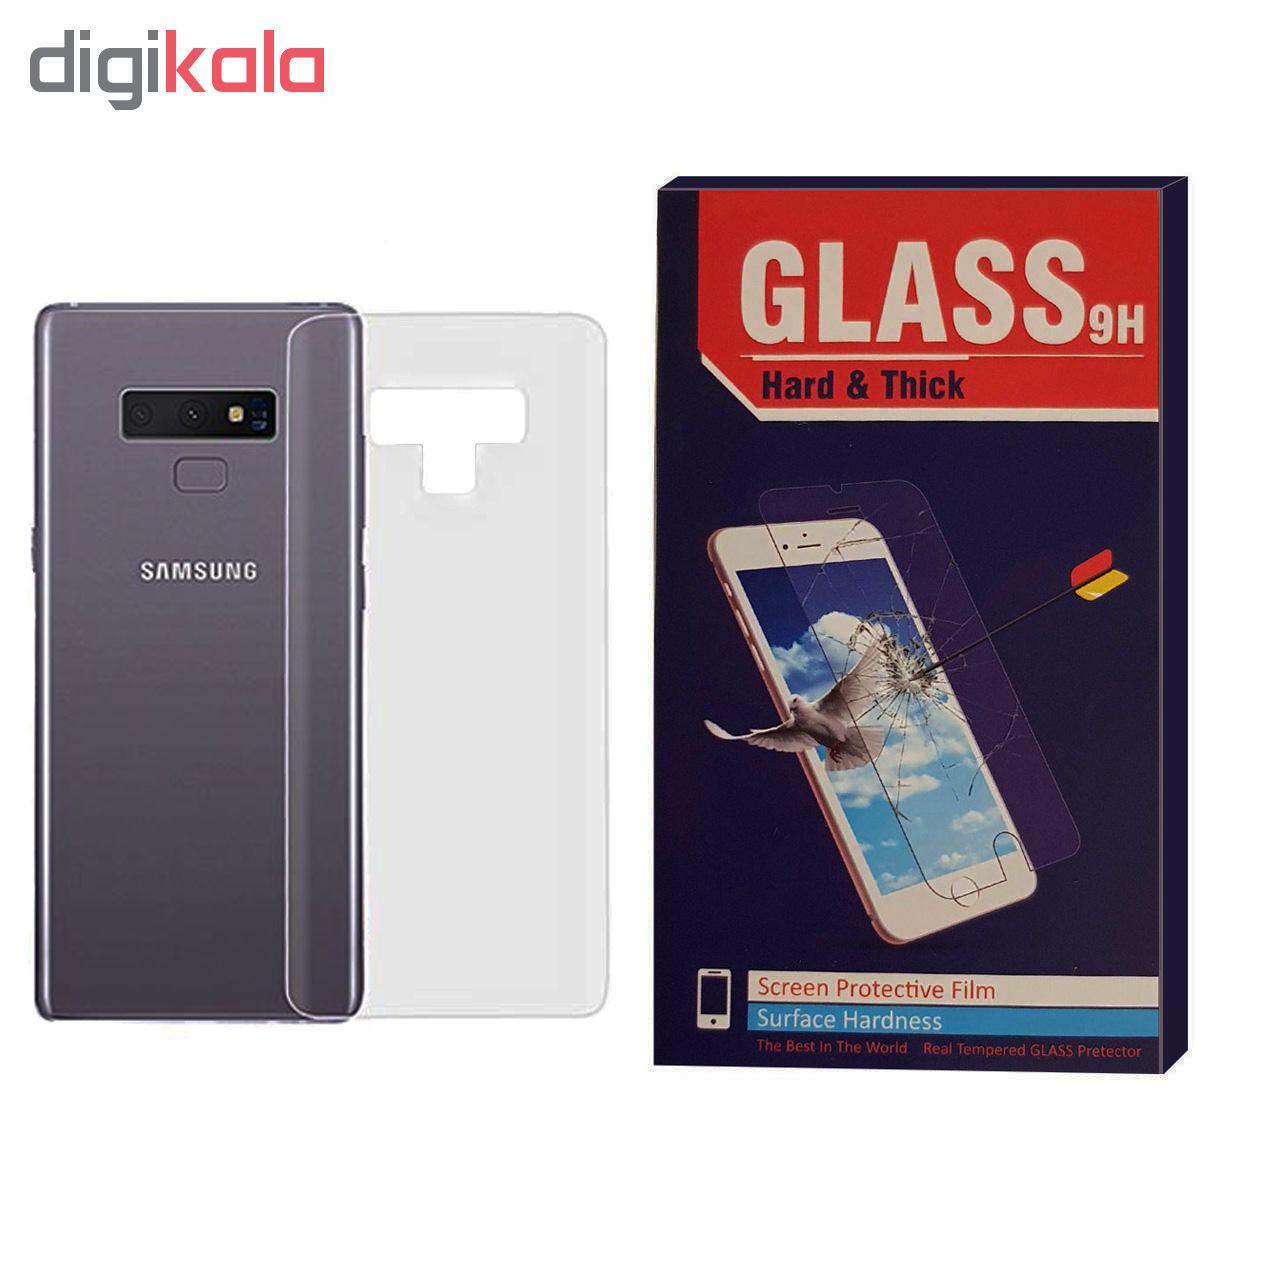 محافظ پشت گوشی Hard and thick مدل f-001 مناسب برای گوشی موبایل سامسونگ Galaxy note 9 main 1 1